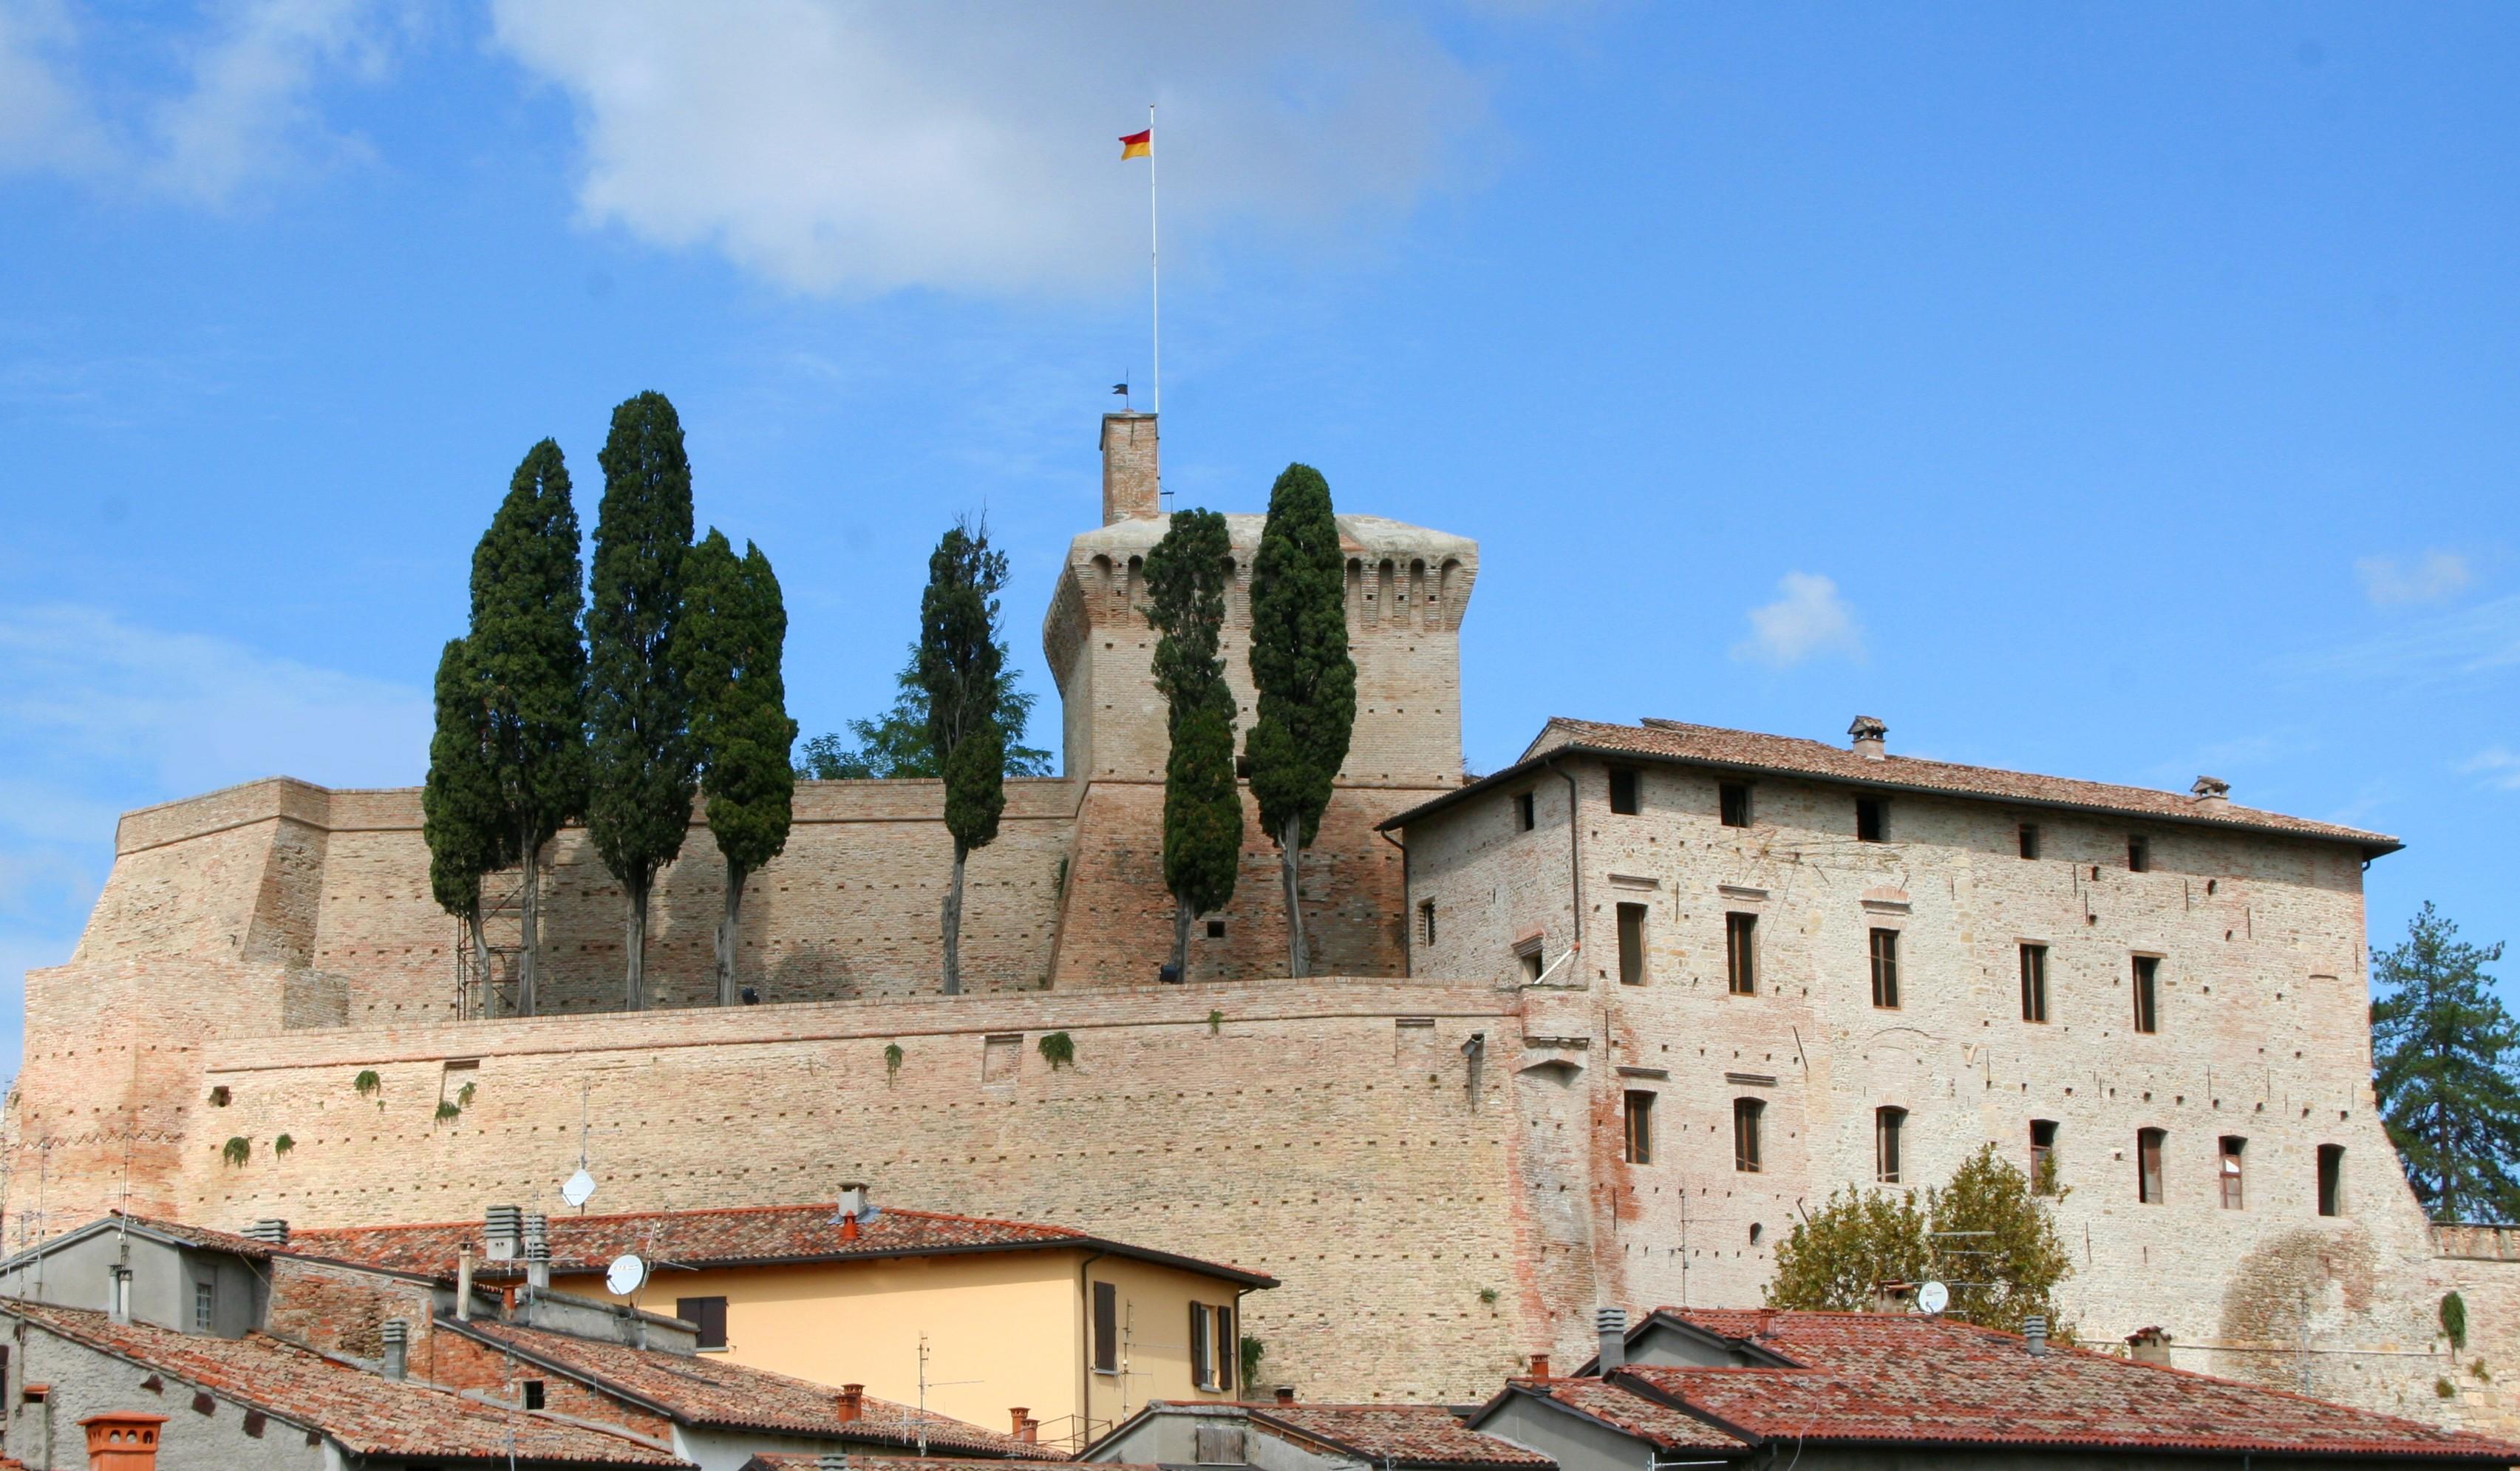 Rocca Medioevale, Meldola